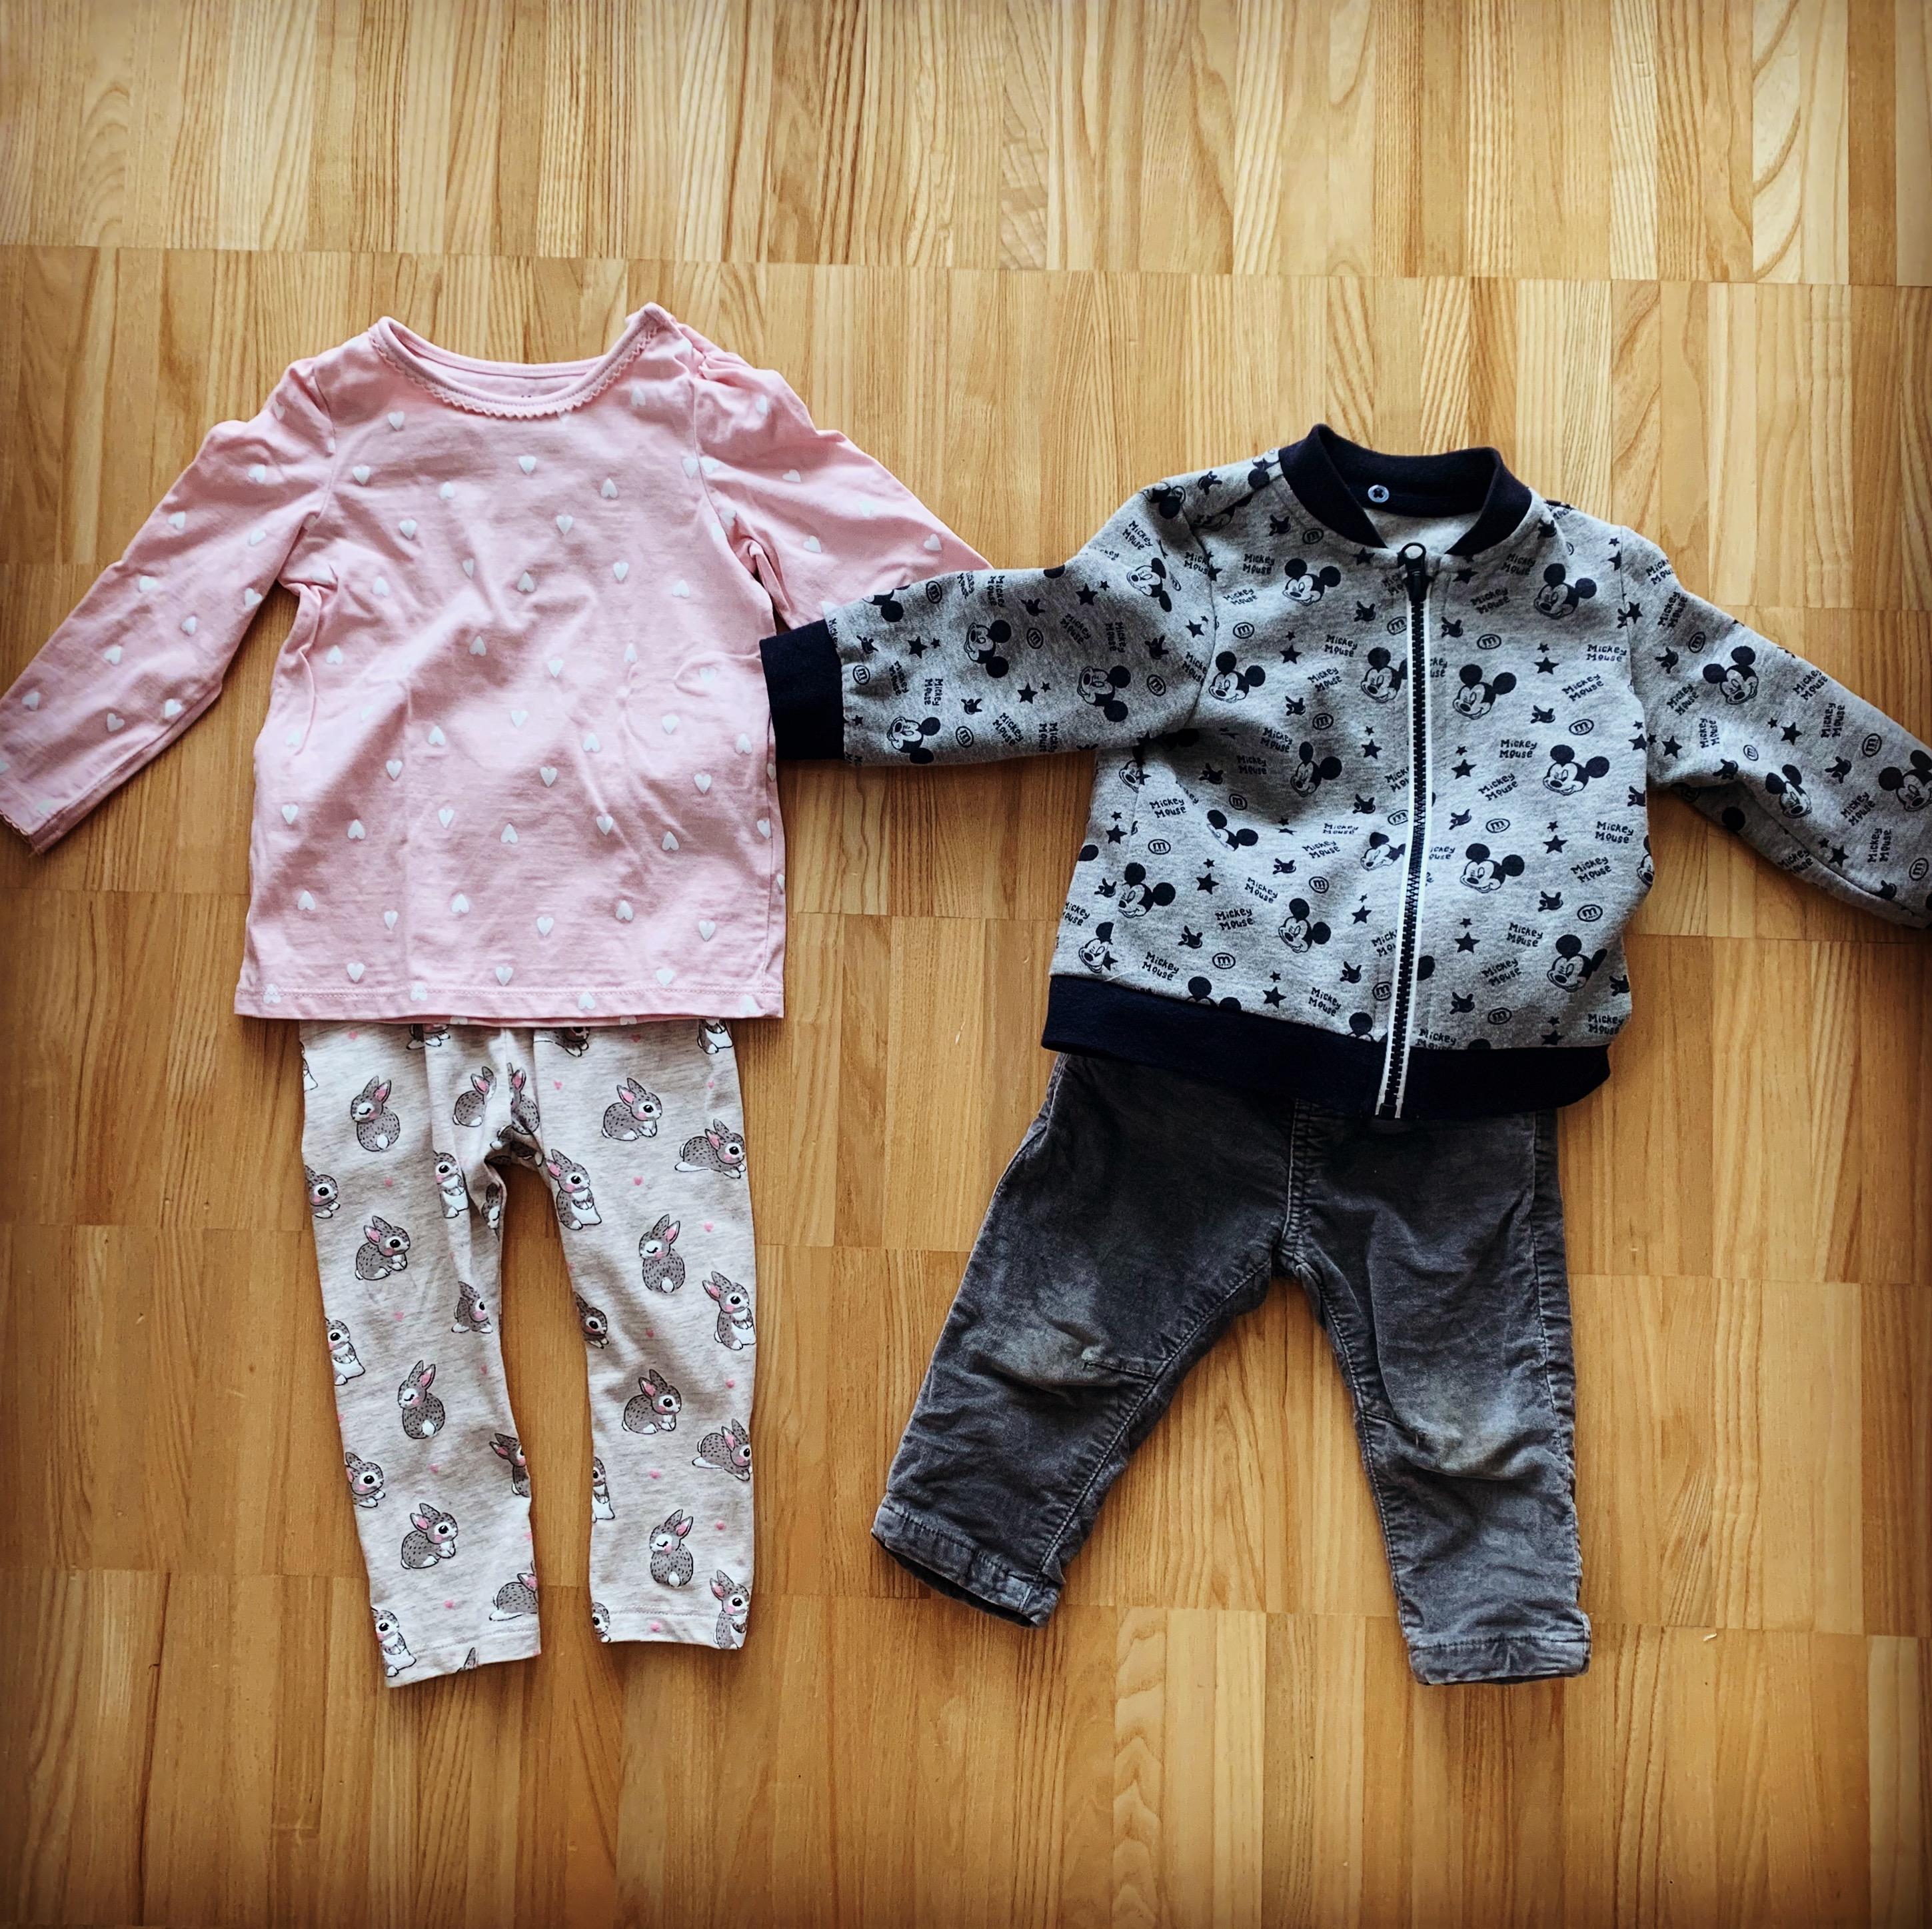 Mädchen oder Junge? Sind rosa und babyblau antrainiert?